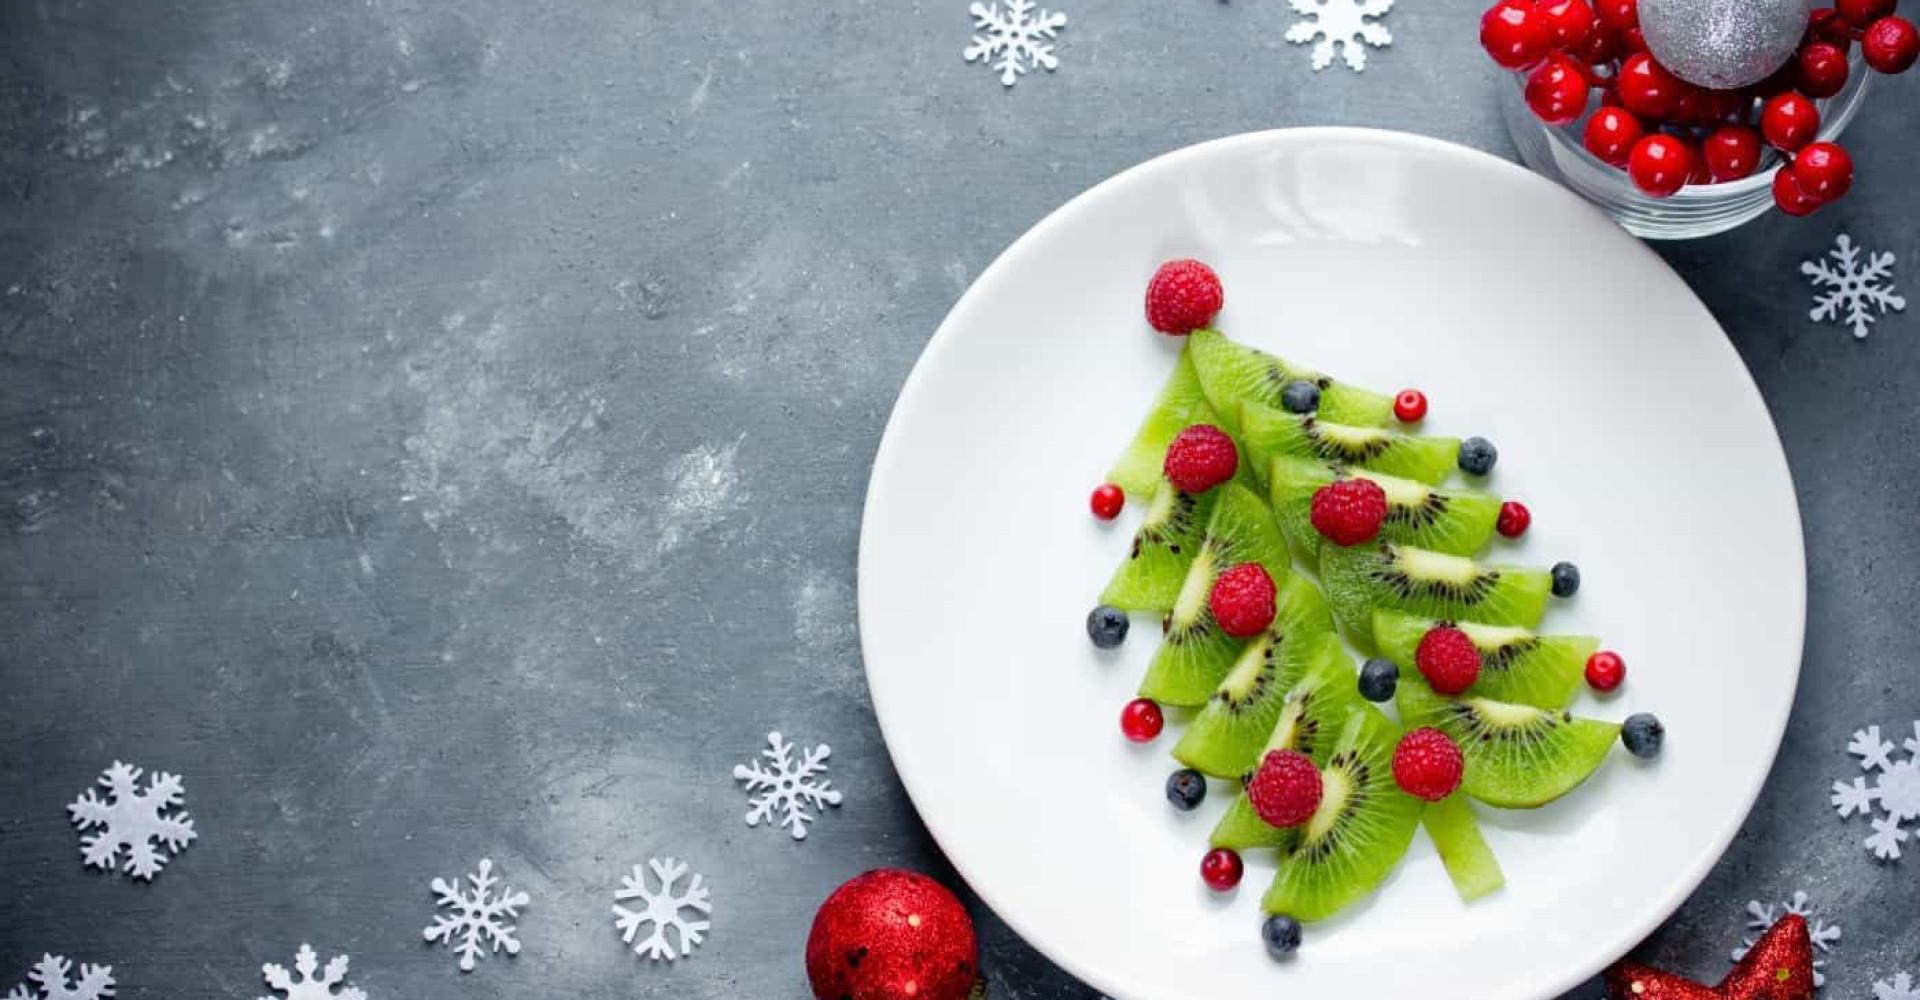 Bimbi in cucina: incredibili idee per un delizioso Natale